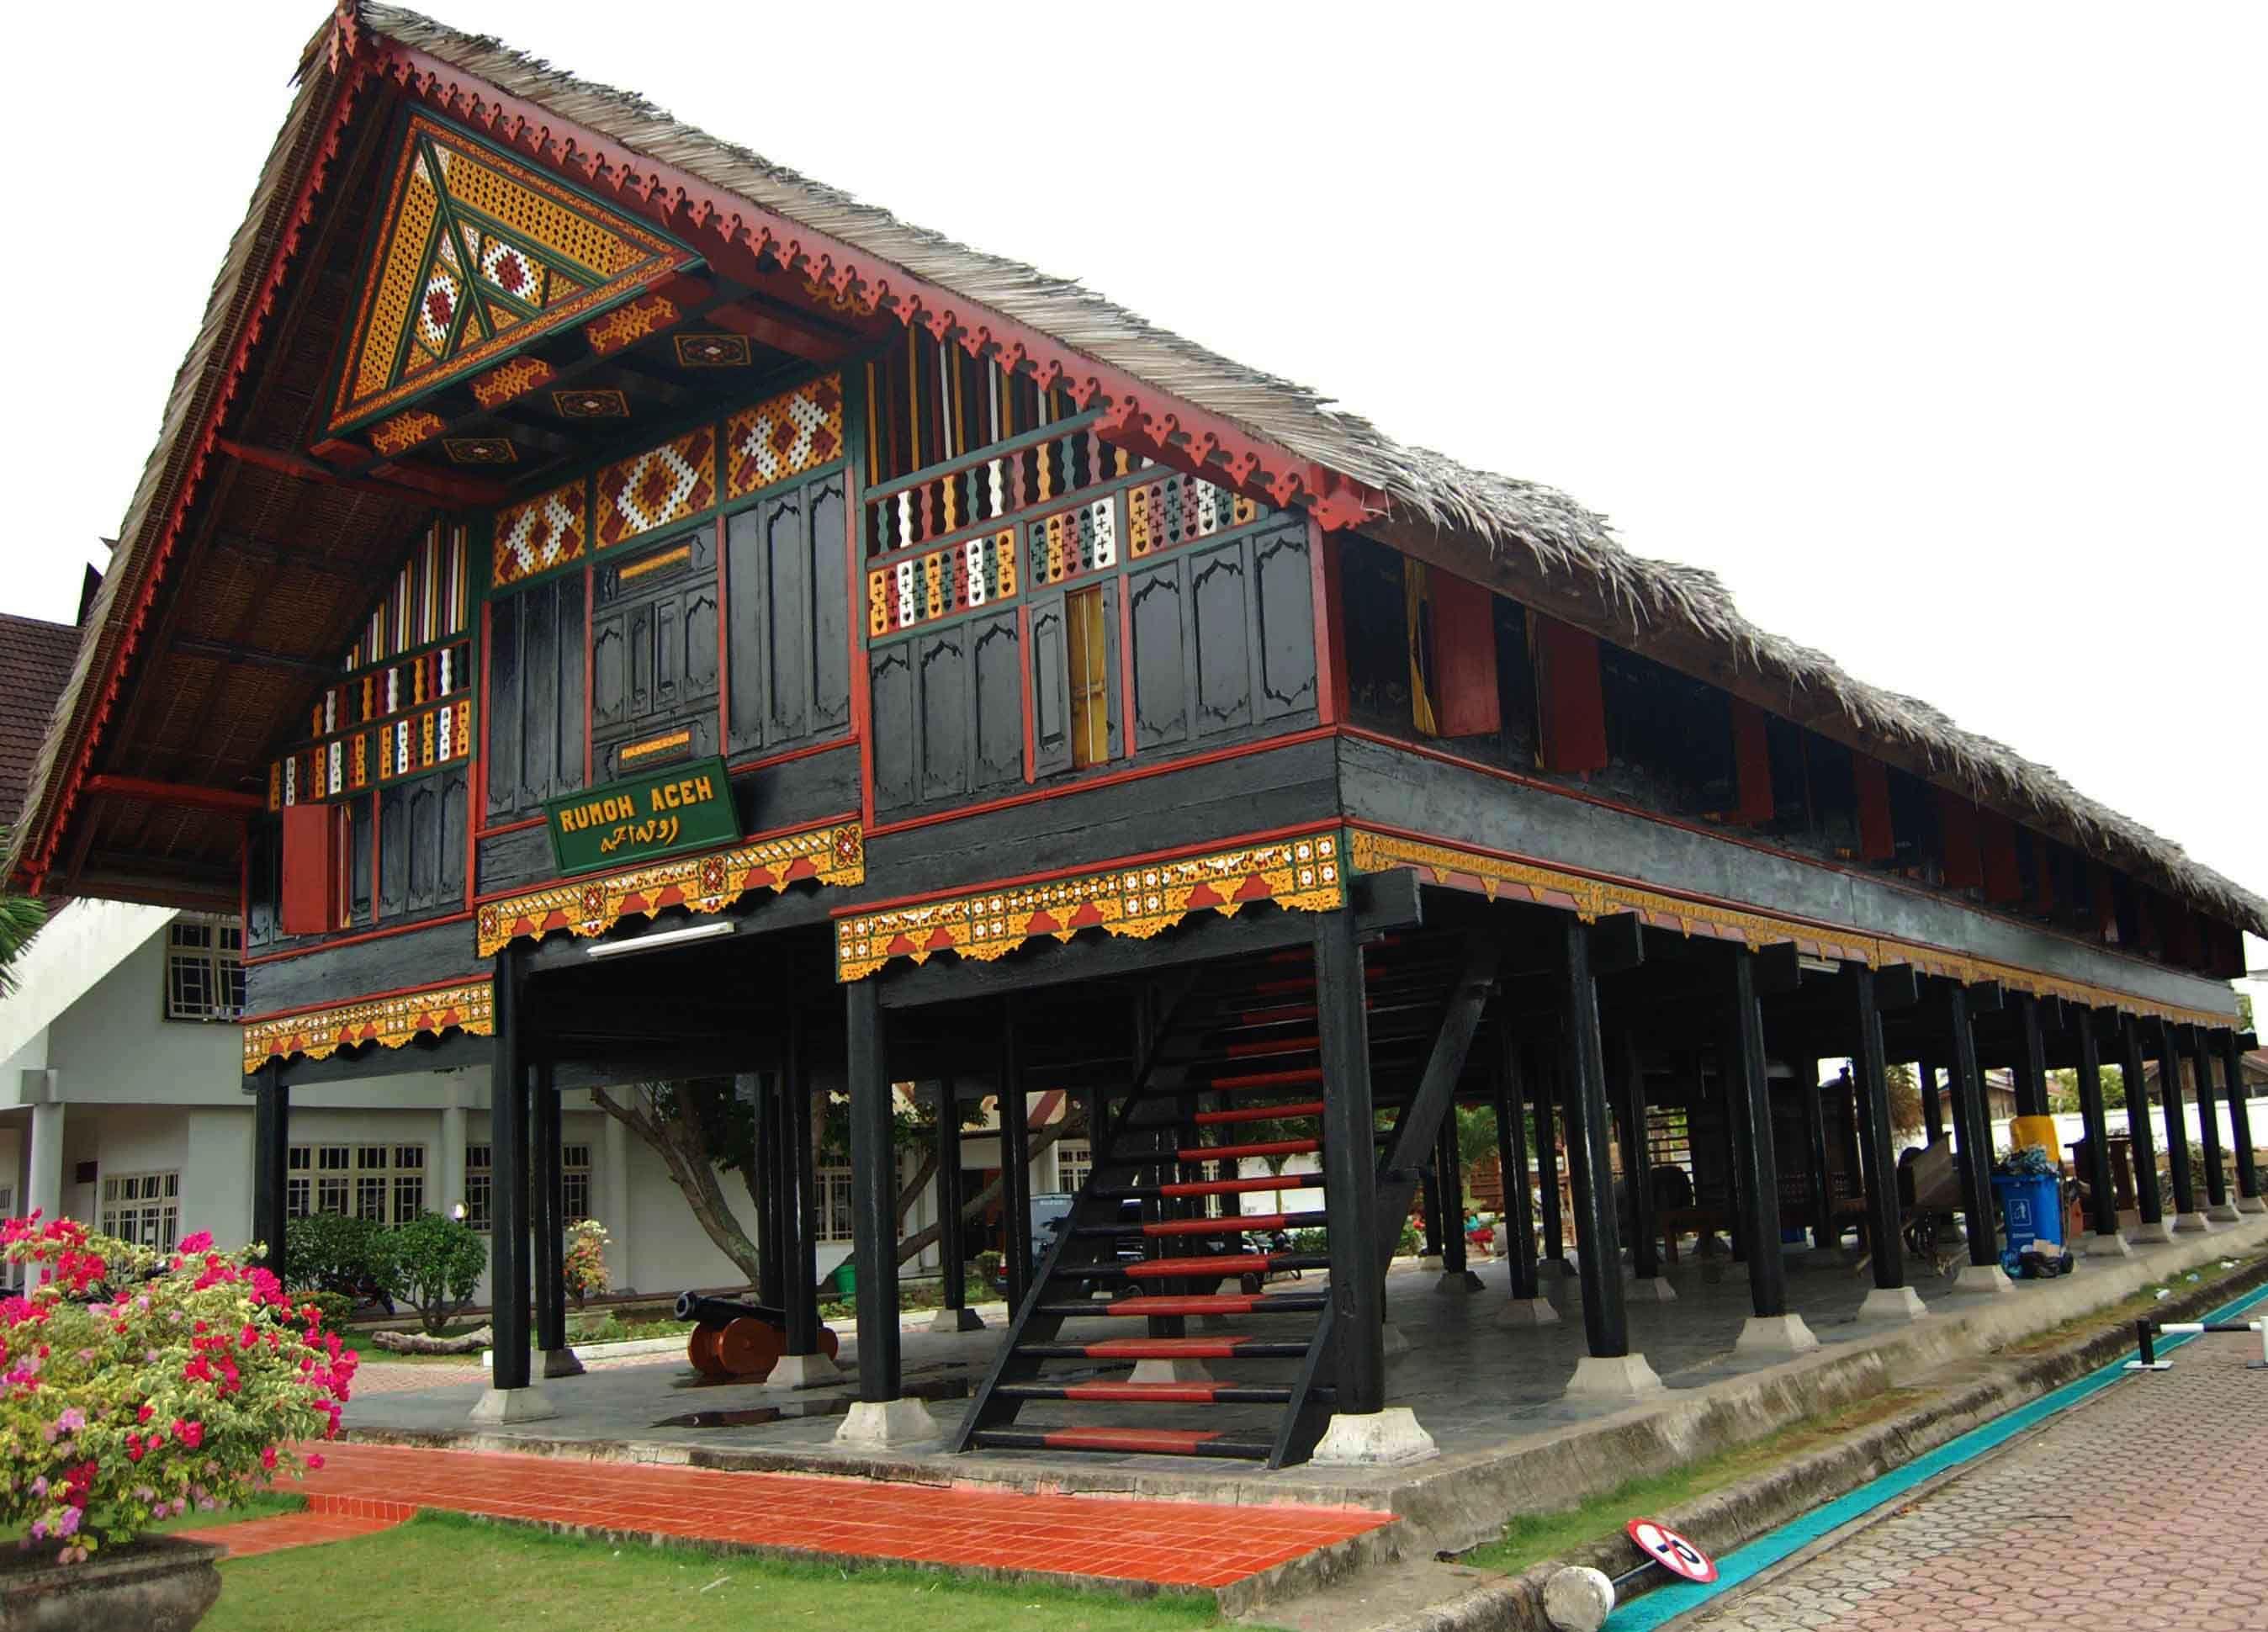 Rumah Adat Nanggroe Aceh Darussalam Info Gtk Rumah adat daerah aceh